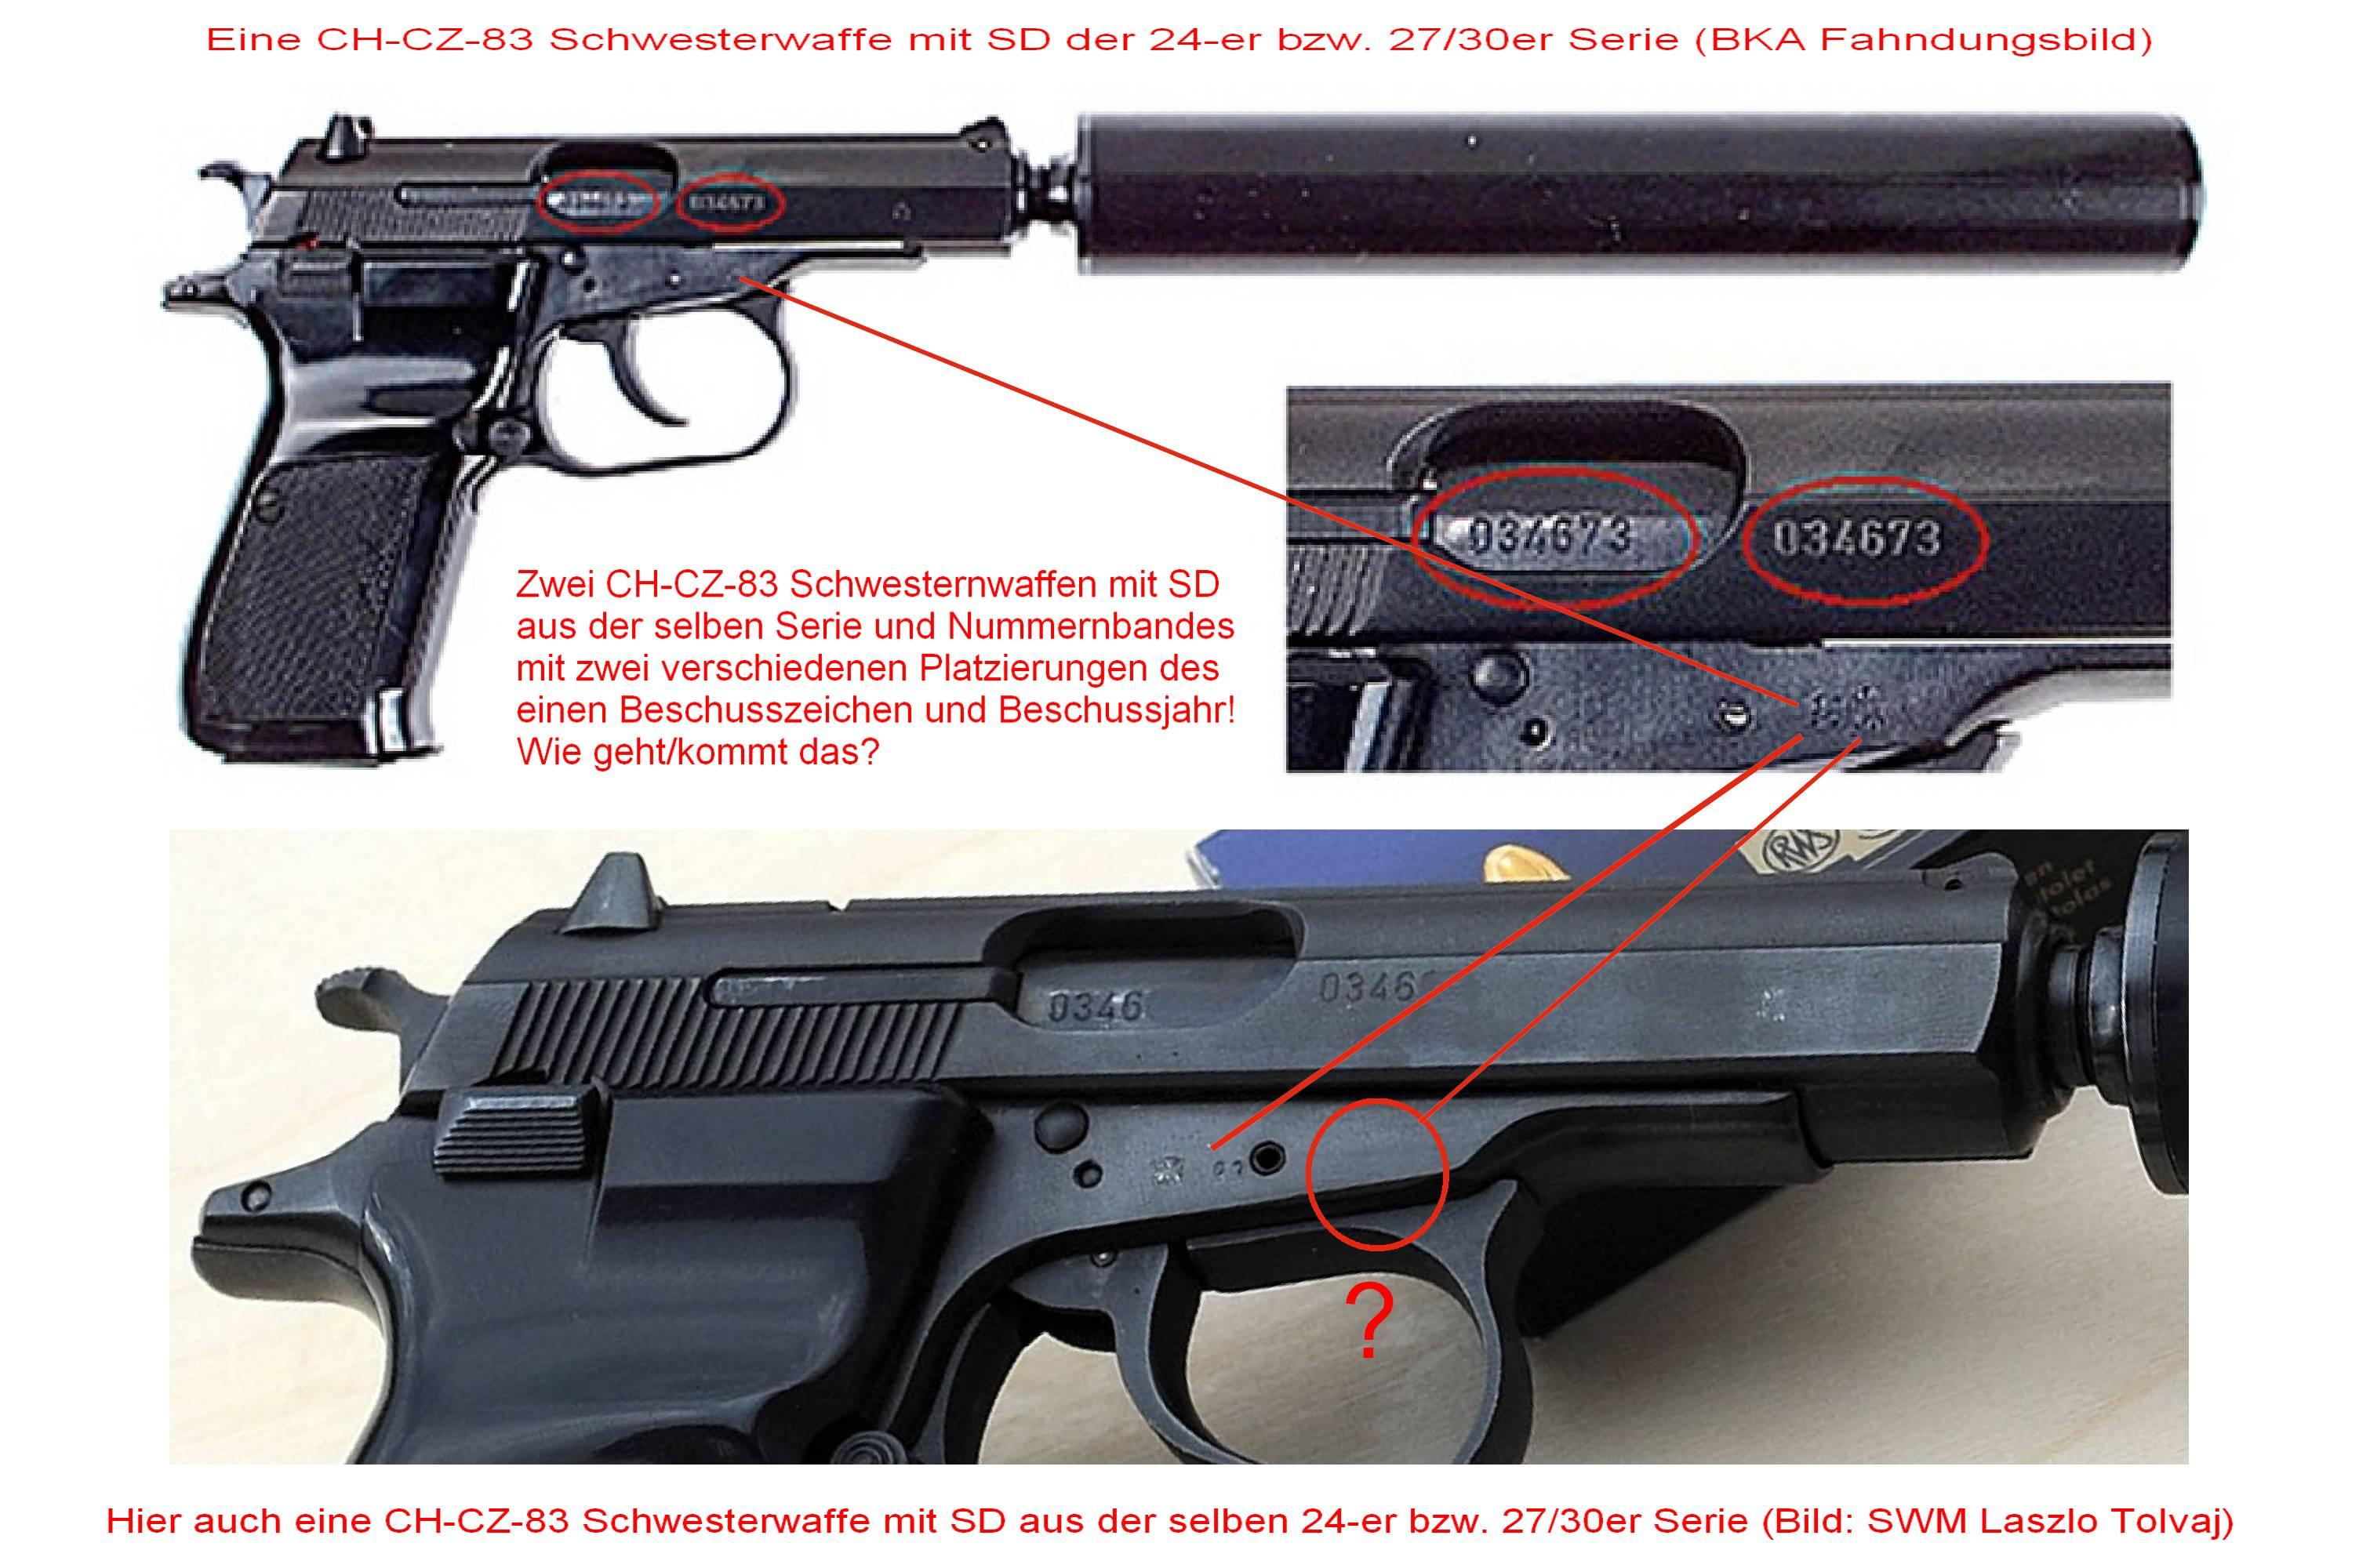 3...2x CH-CZ-83 SD mit versch. Platzierungen der Beschuss...(mit Text), 2